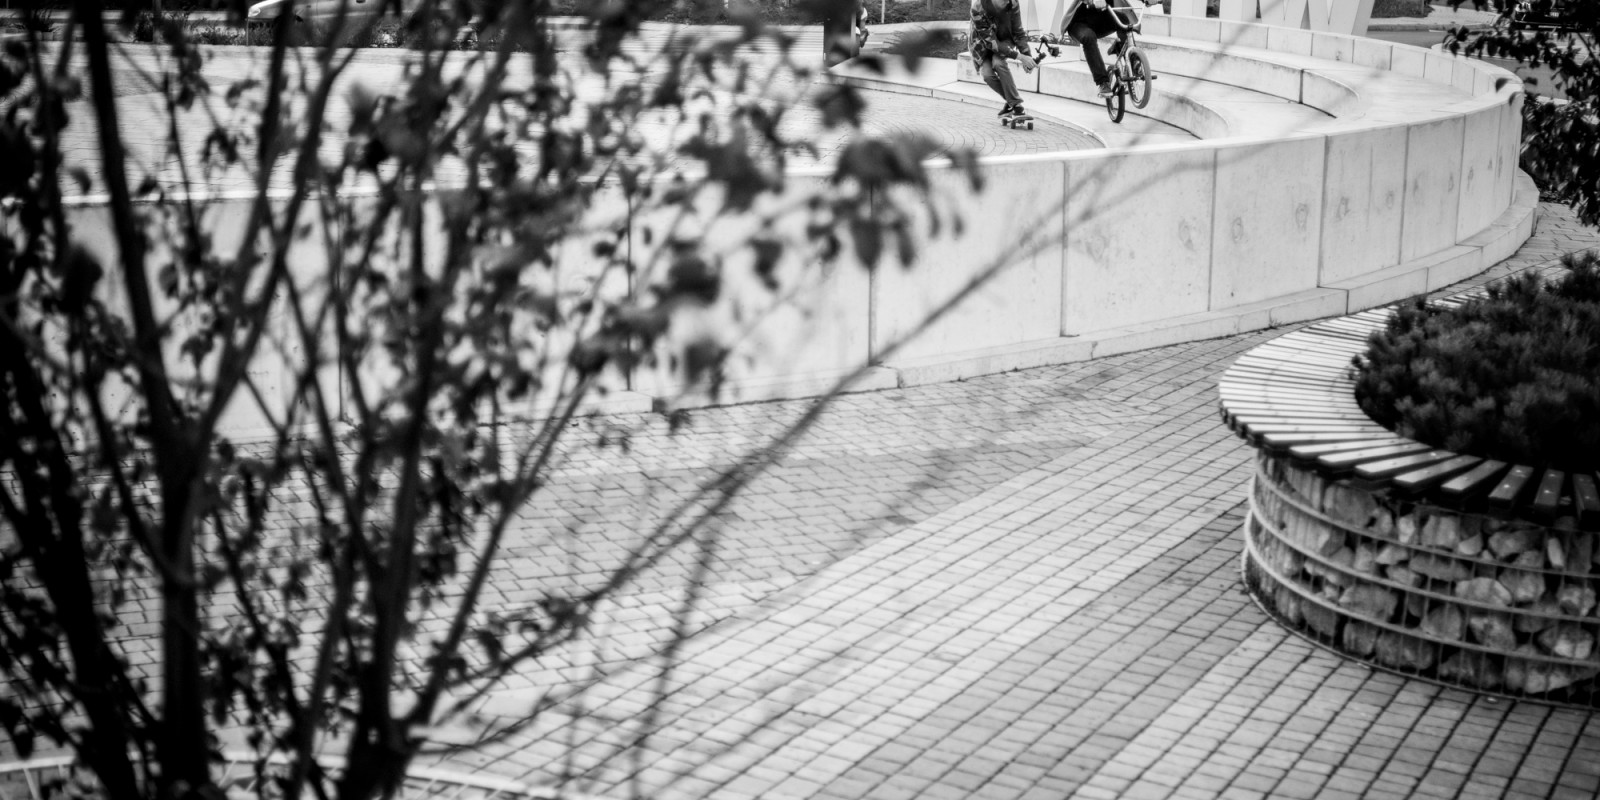 Lost In BMX series - episode 4 / Krakow, Poland